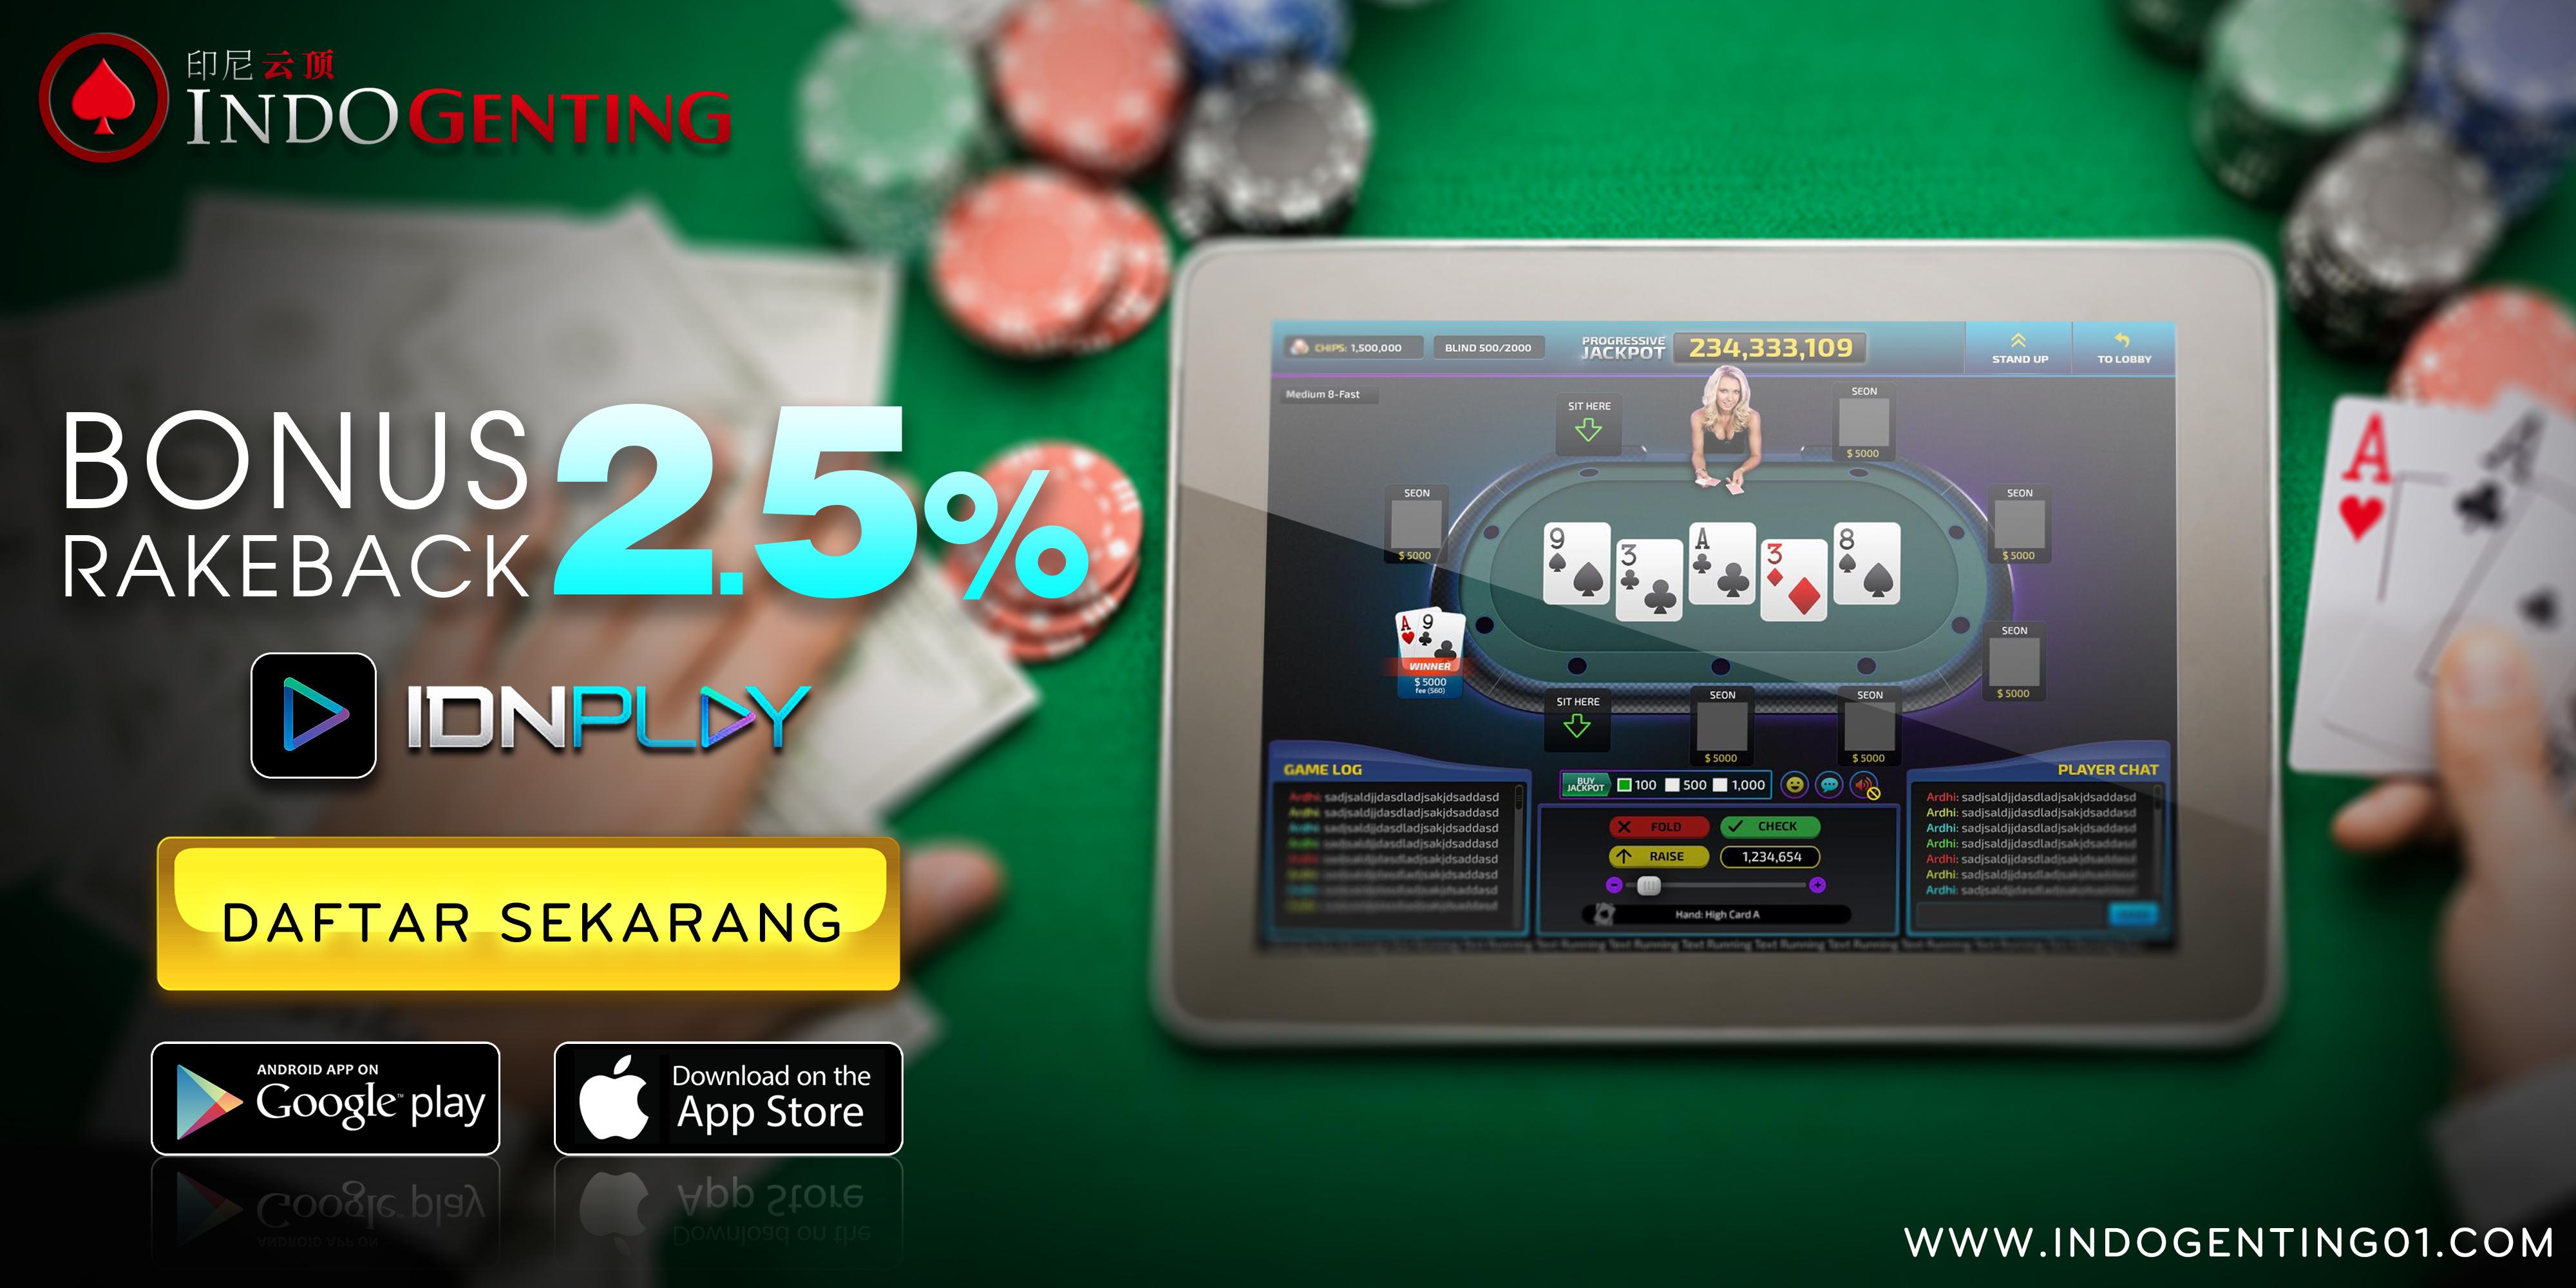 Trik dan Cara Bermain Poker